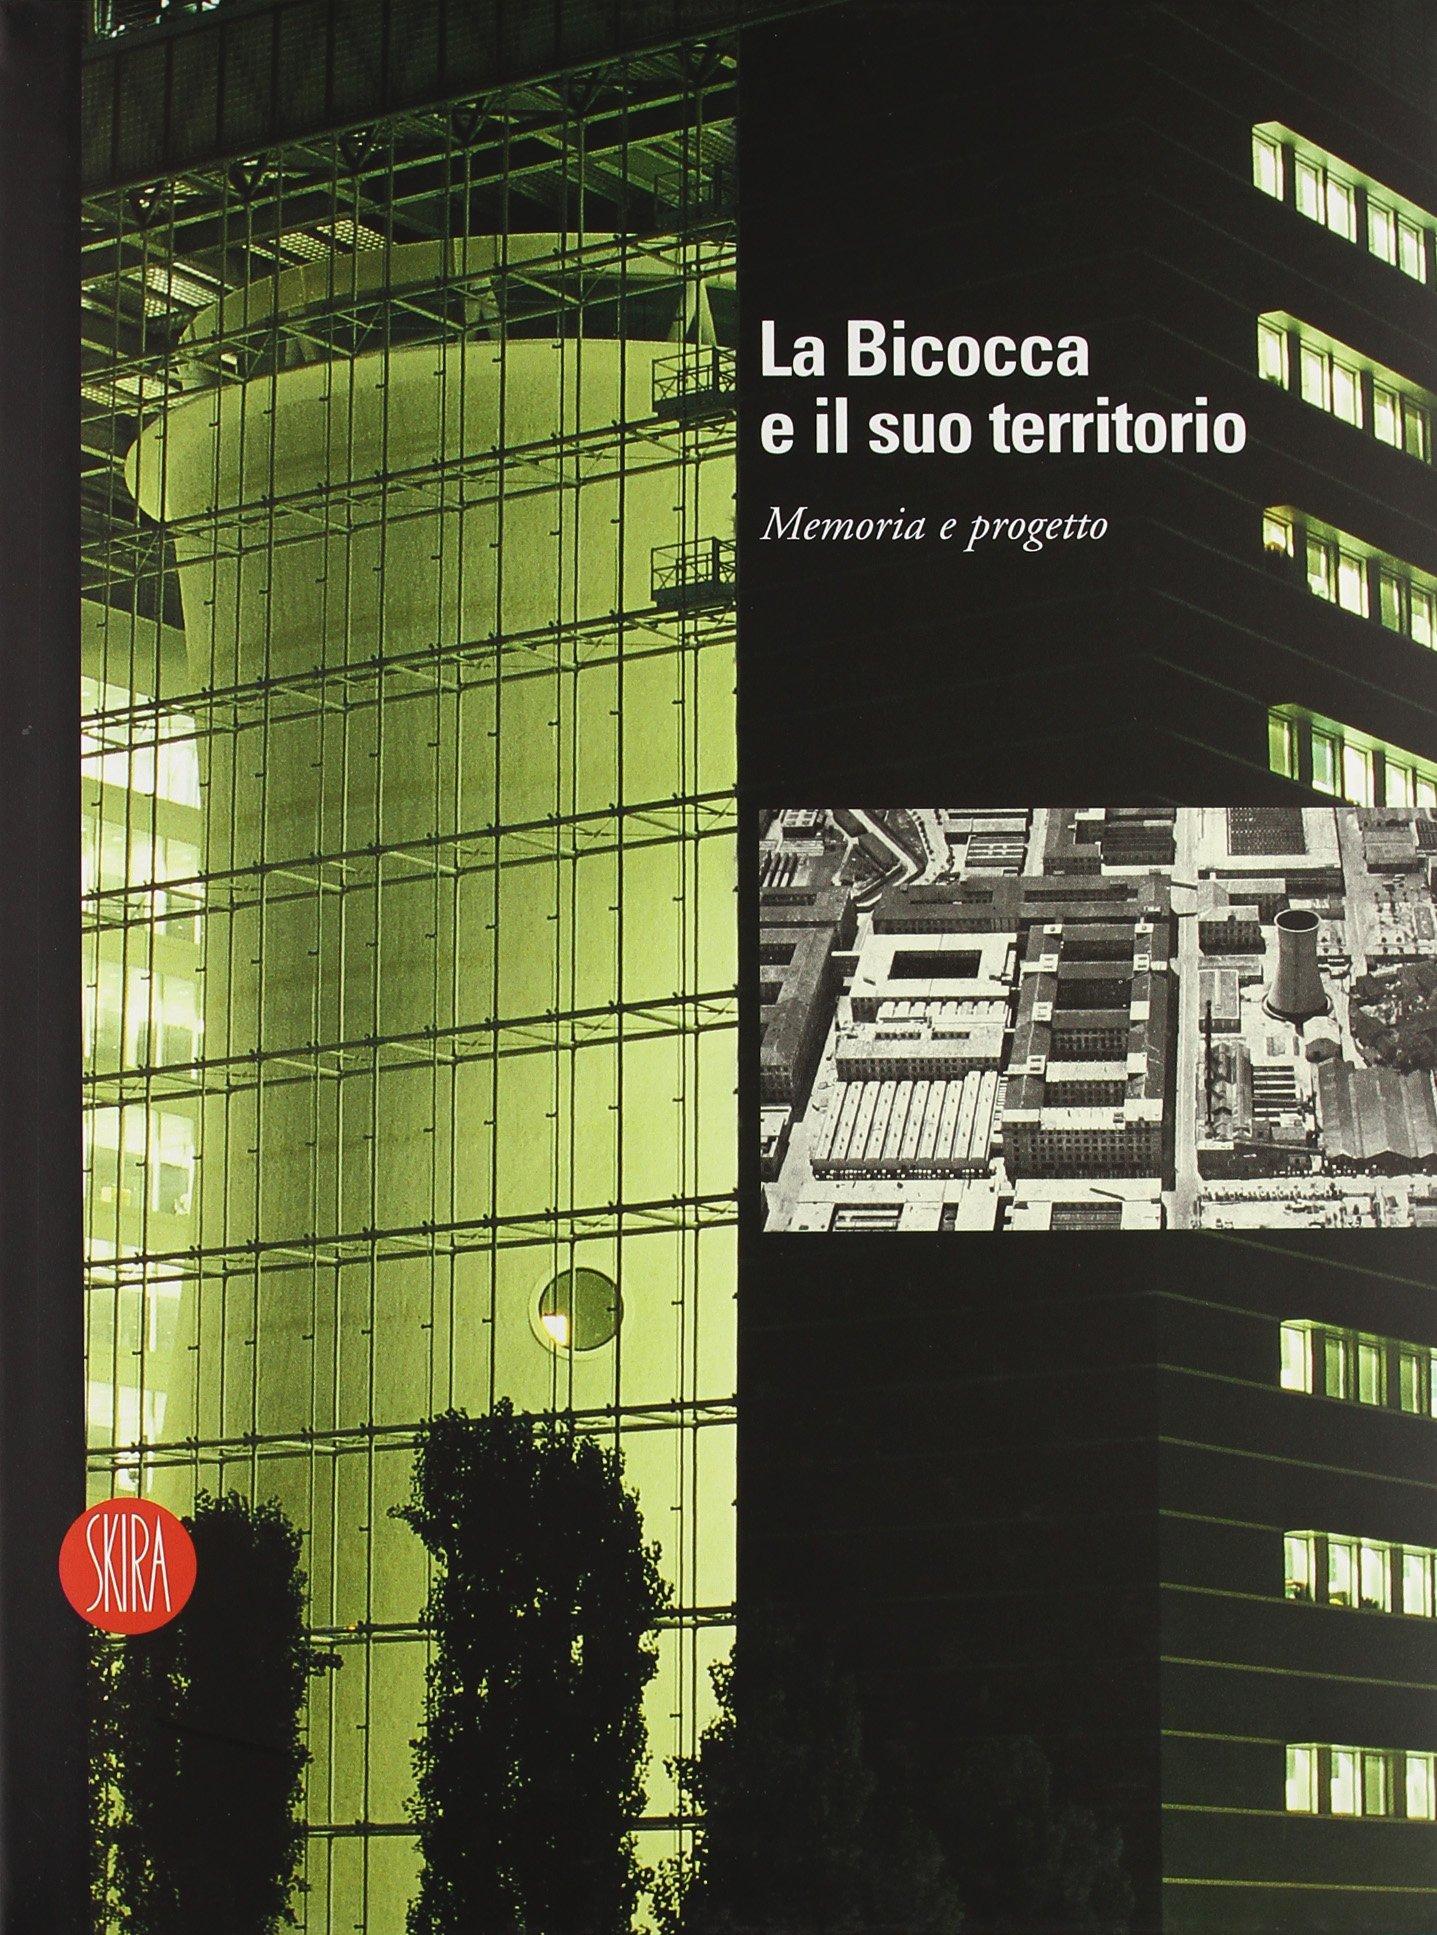 La Bicocca e il suo territorio. Memoria e progetto. Ediz. italiana e inglese